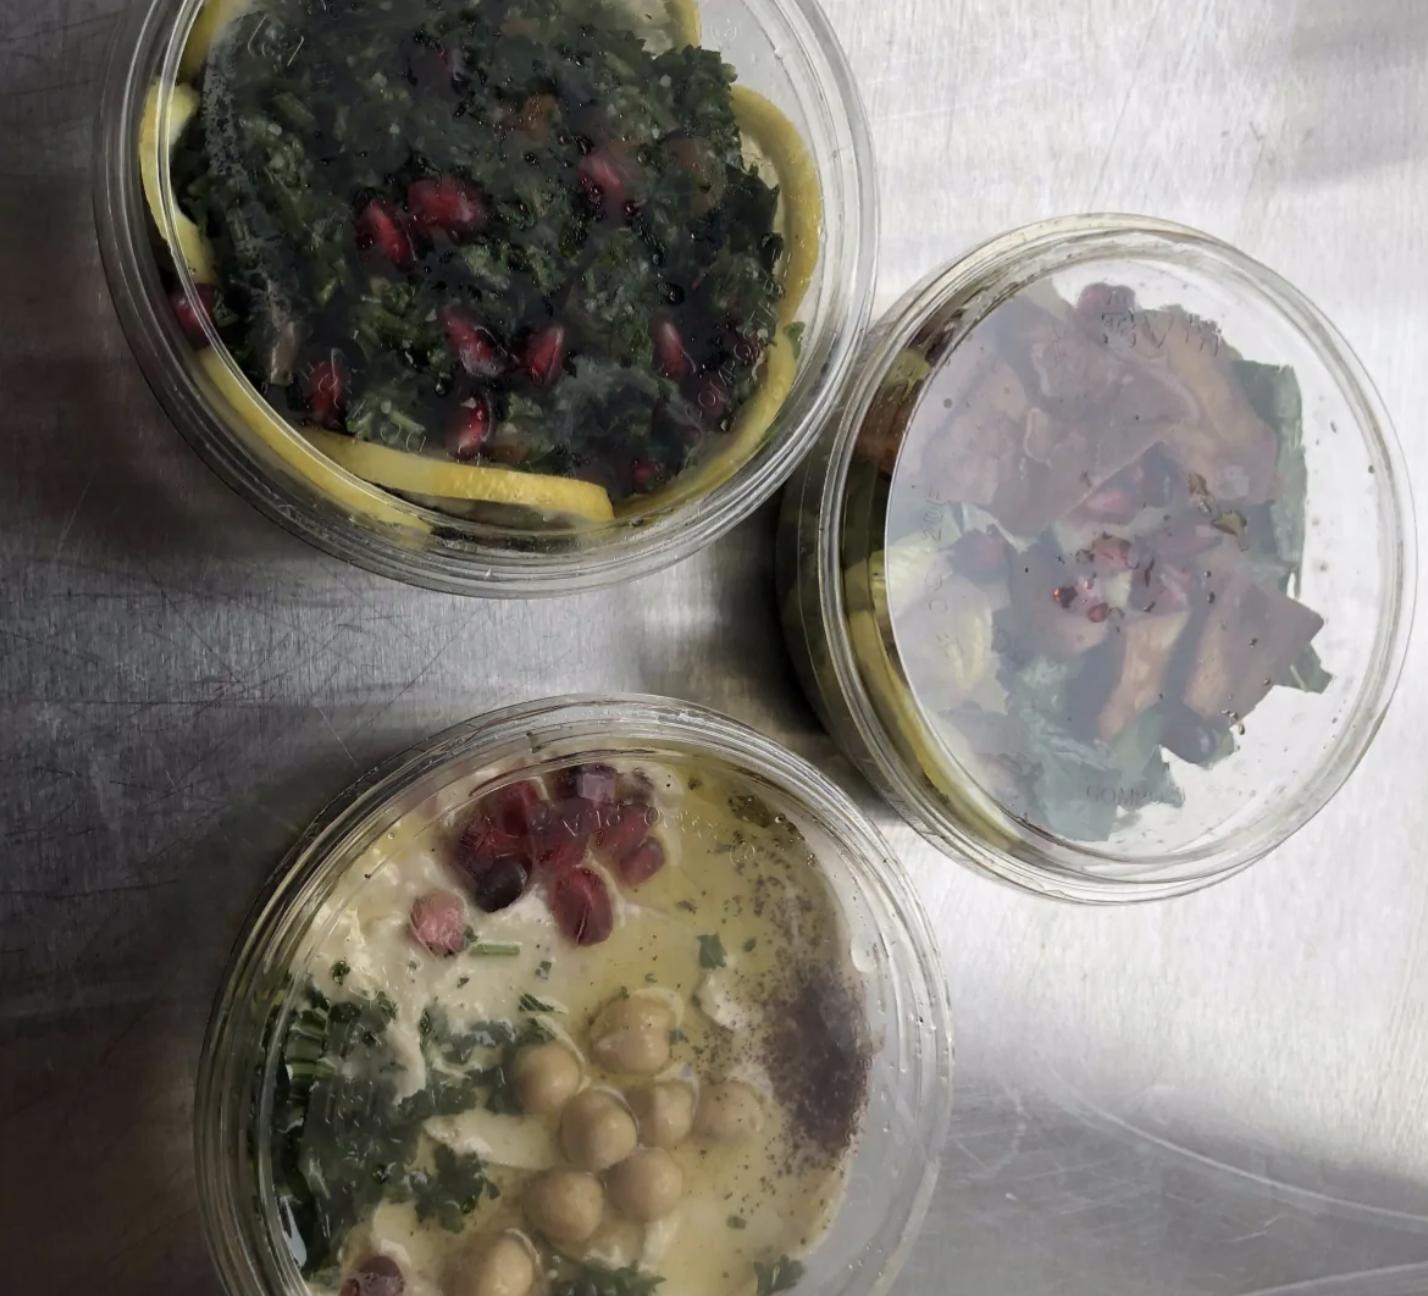 مسبحة على الطريقة السورية من مطعم ضنوك (CBC)